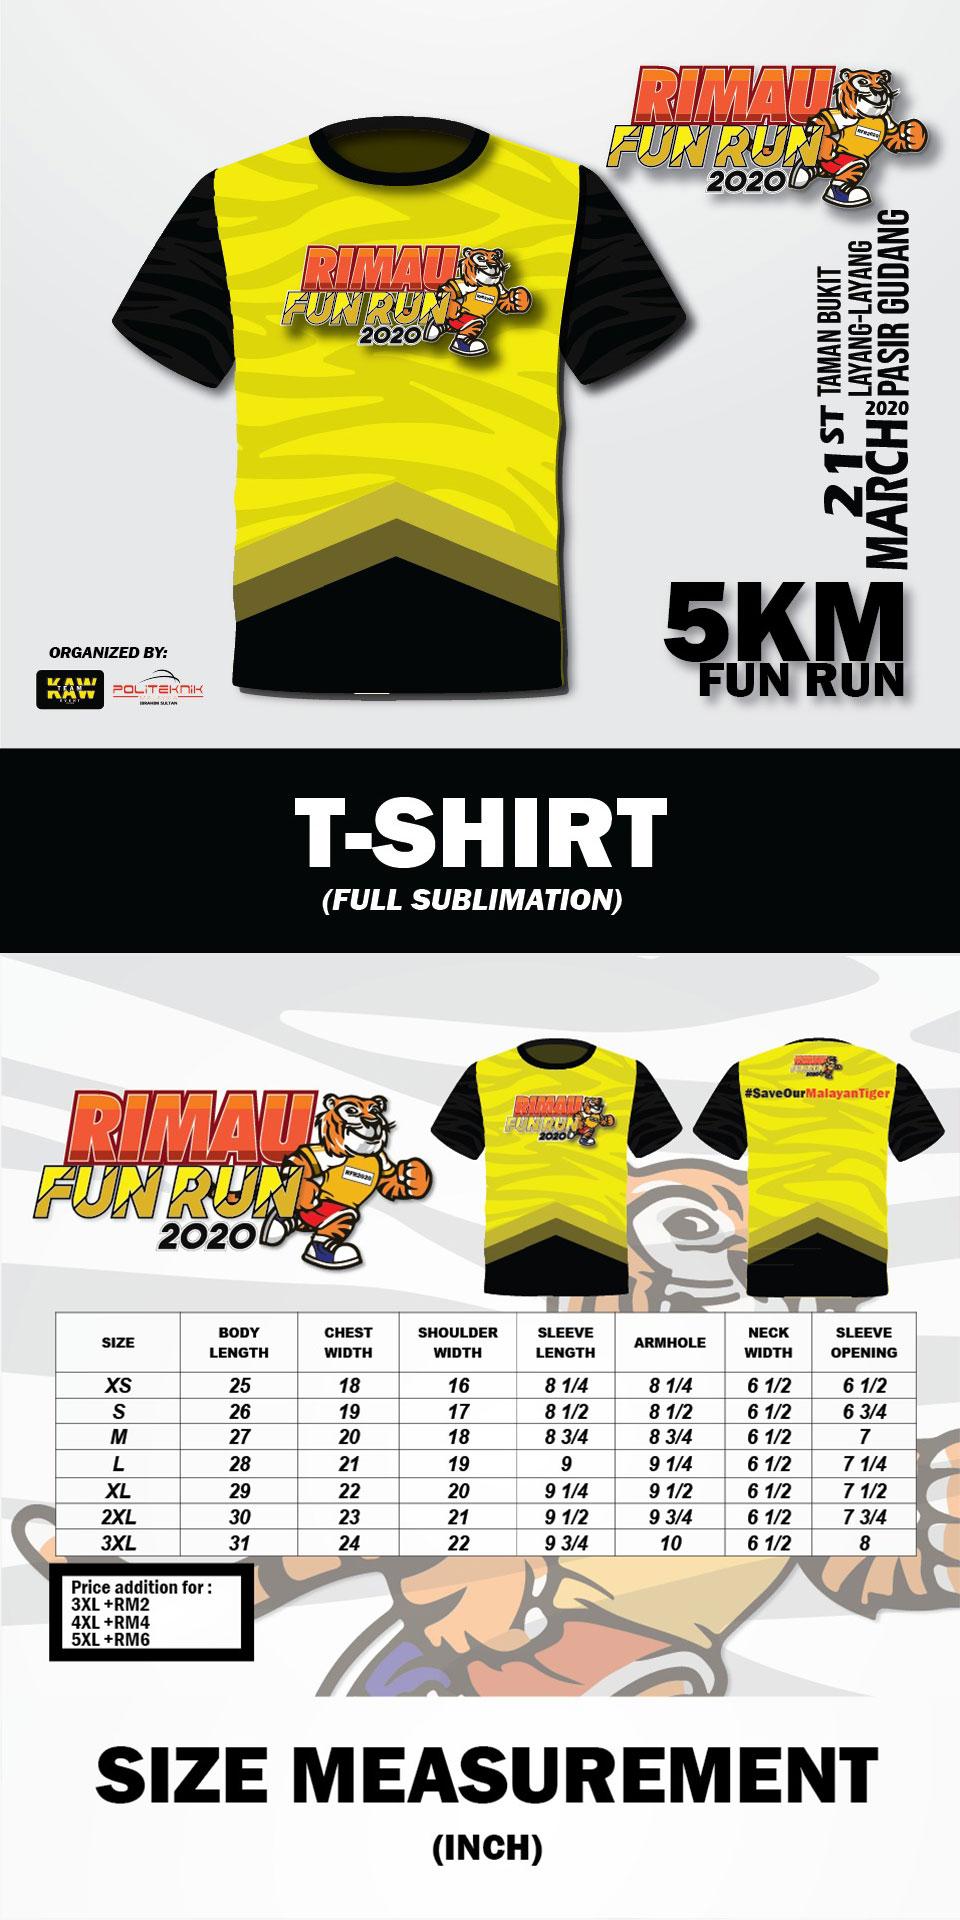 Rimau Fun Run 2020